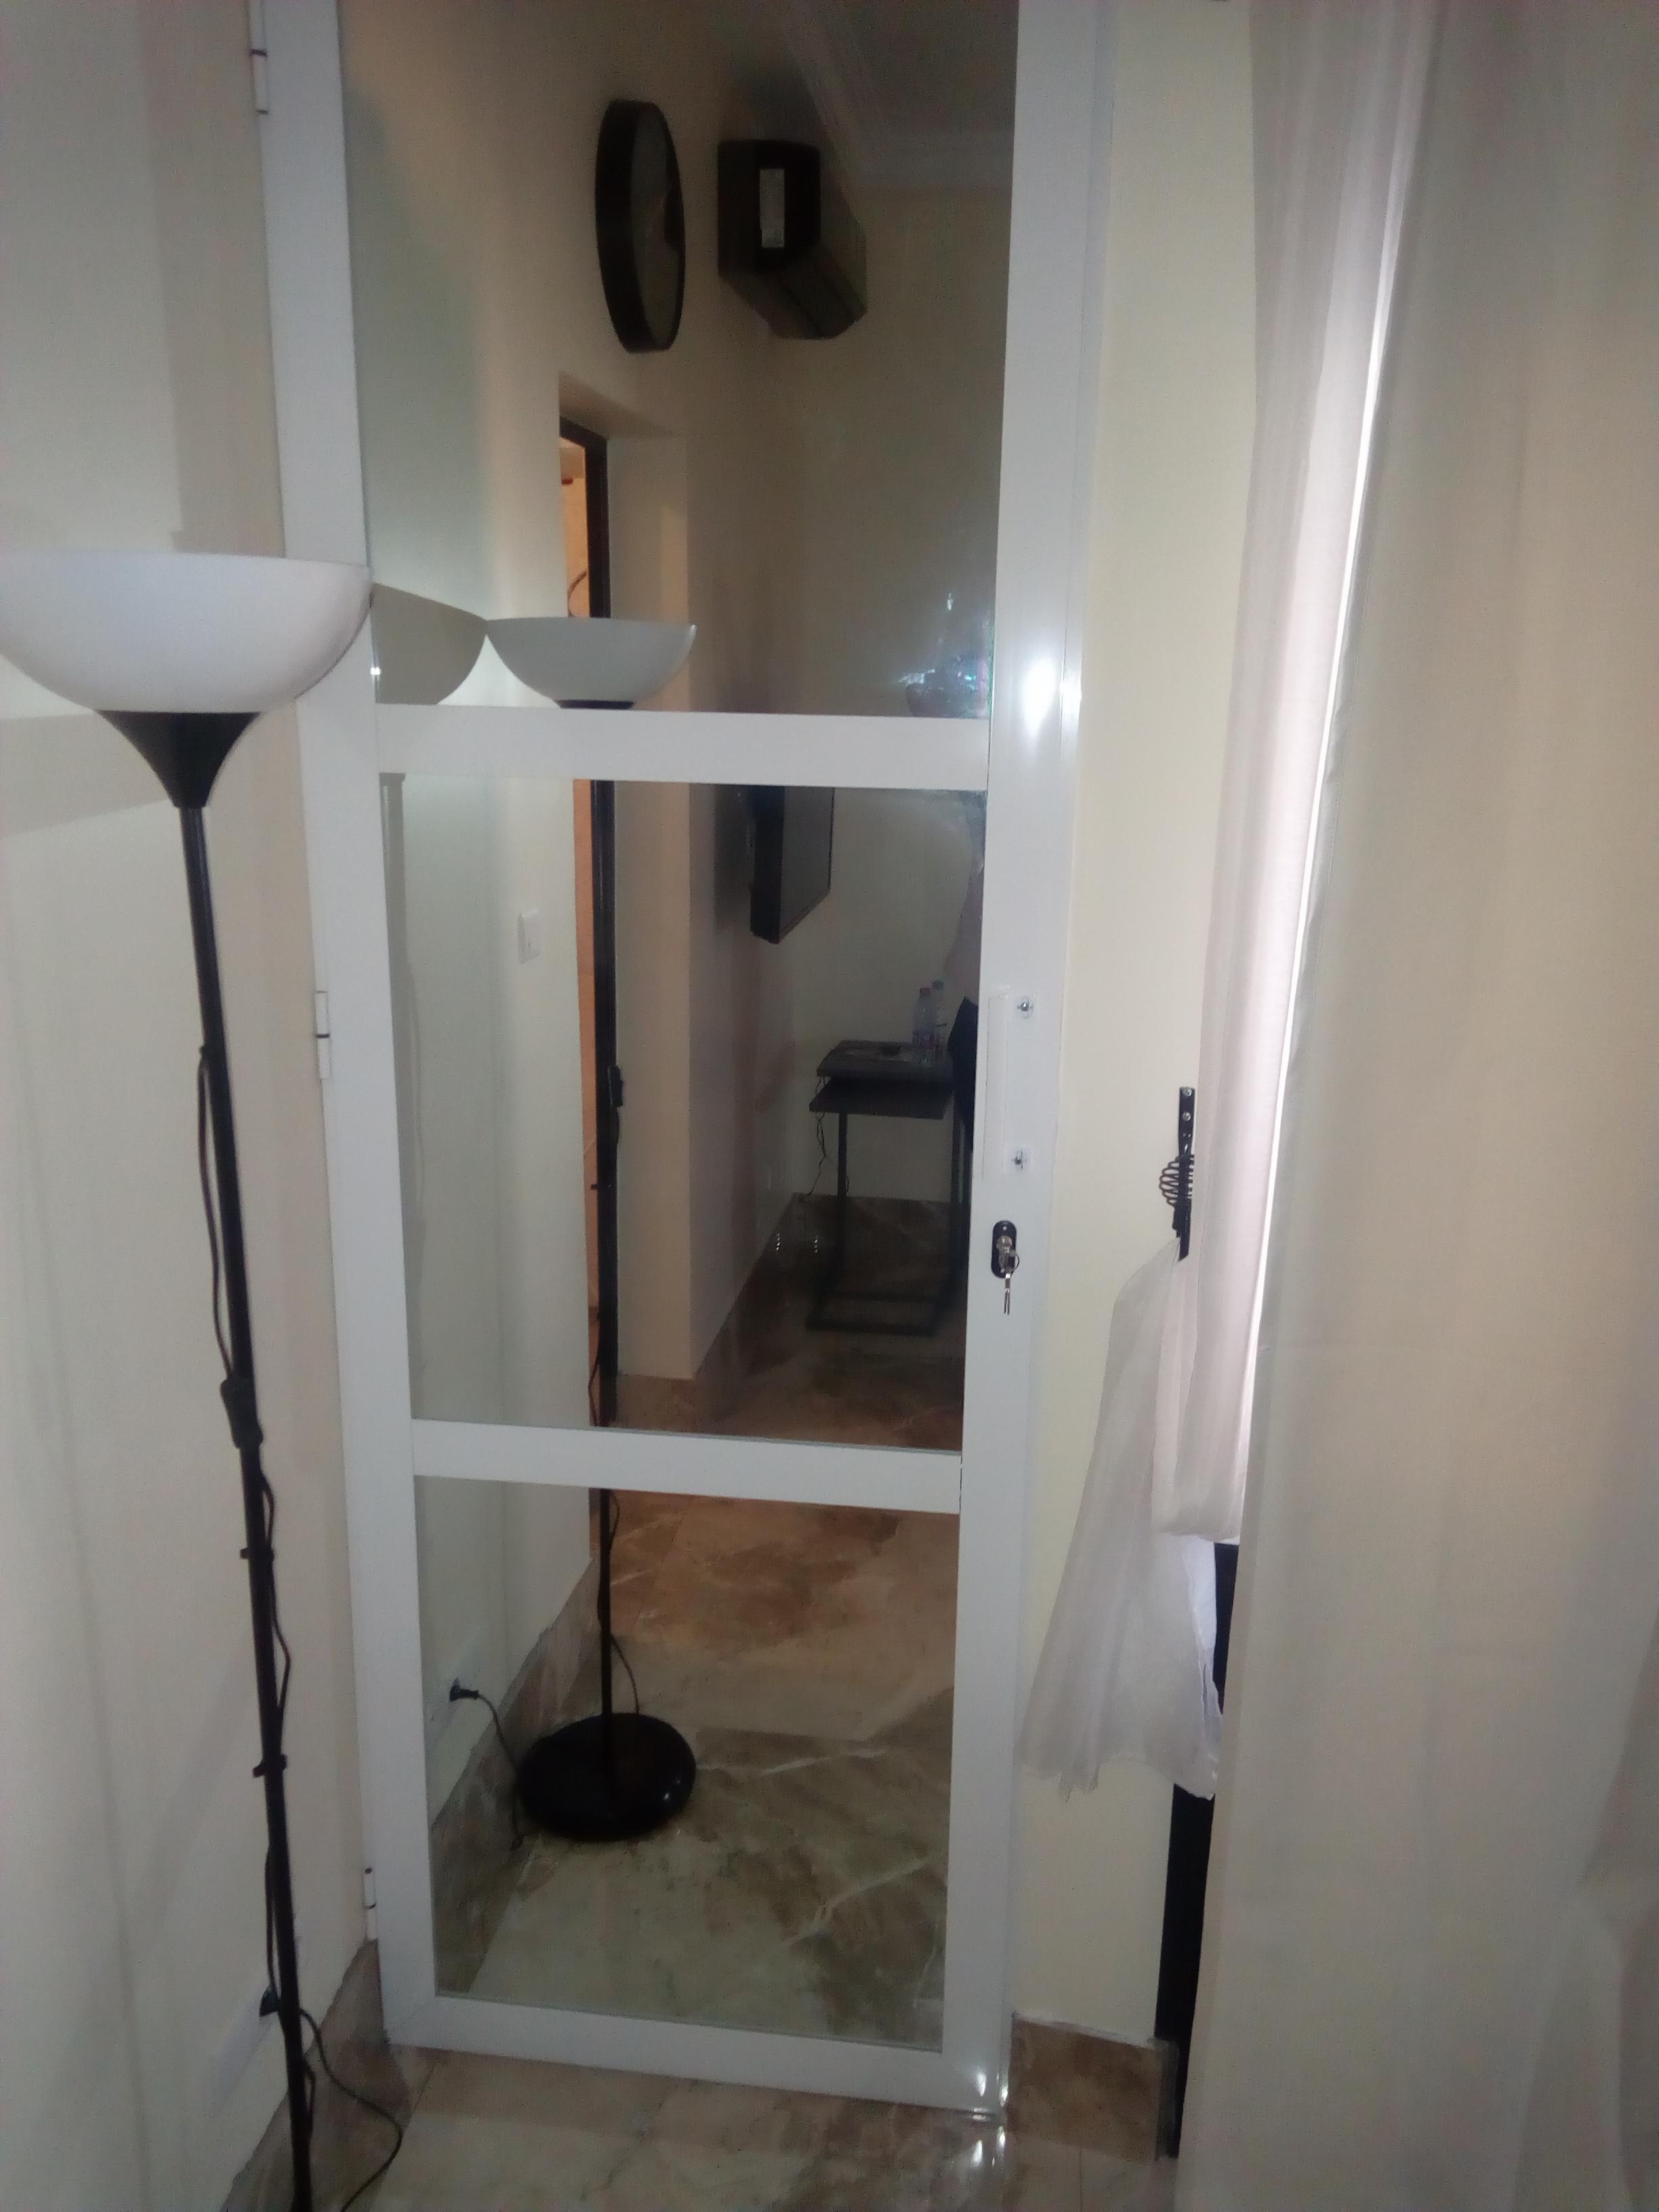 Appartement meublé à louer , adidogome                         (Non loin des frères Franciscains)                     , Lome : 300 000 FCFA/mois